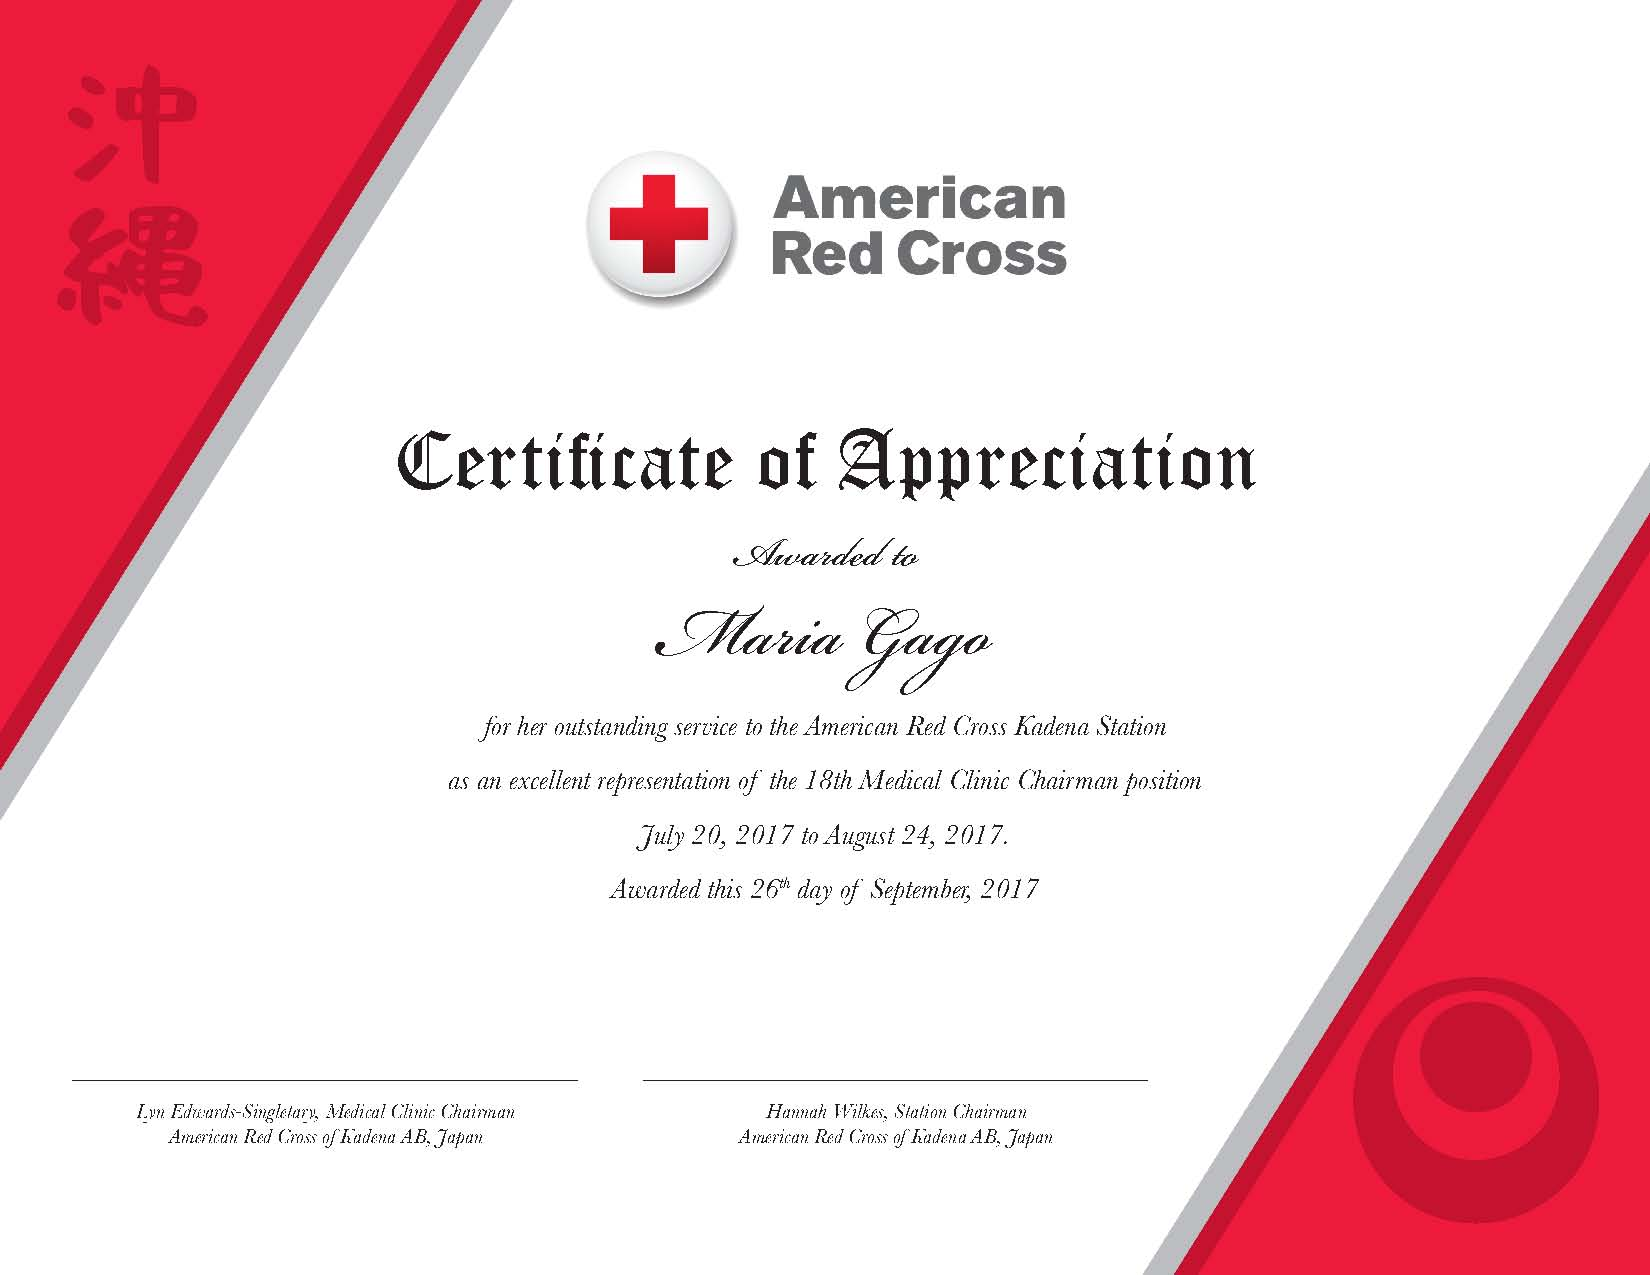 American Red Cross Portfolio Of Gillian Vitanza